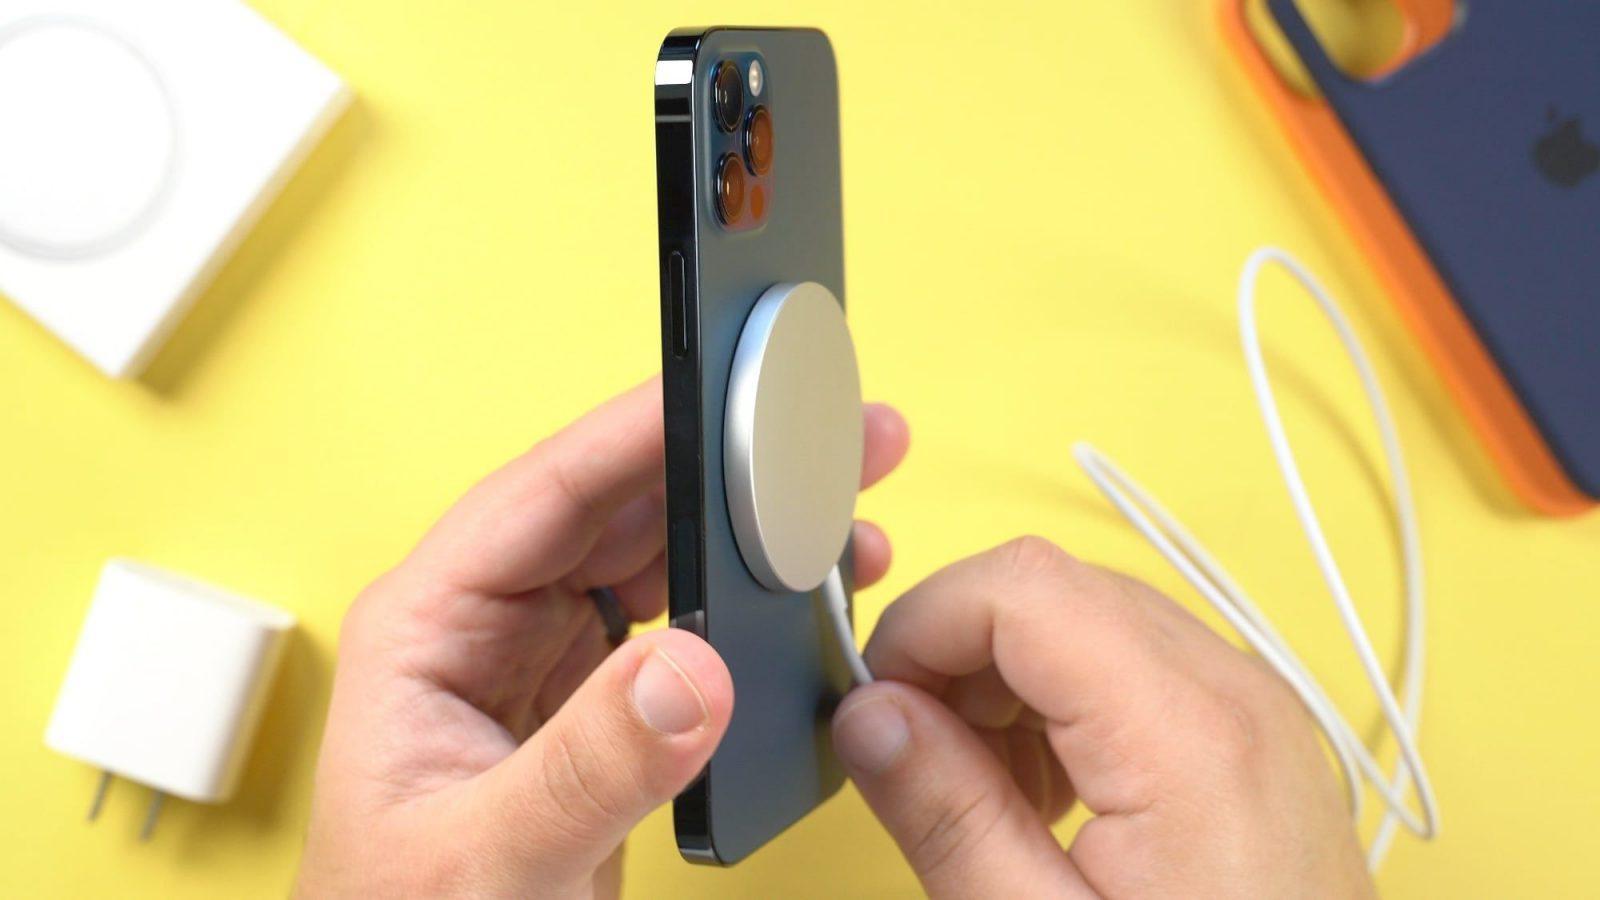 MagSafe в iPhone 12 может мешать работе кардиостимуляторов (iphone12magsafe)